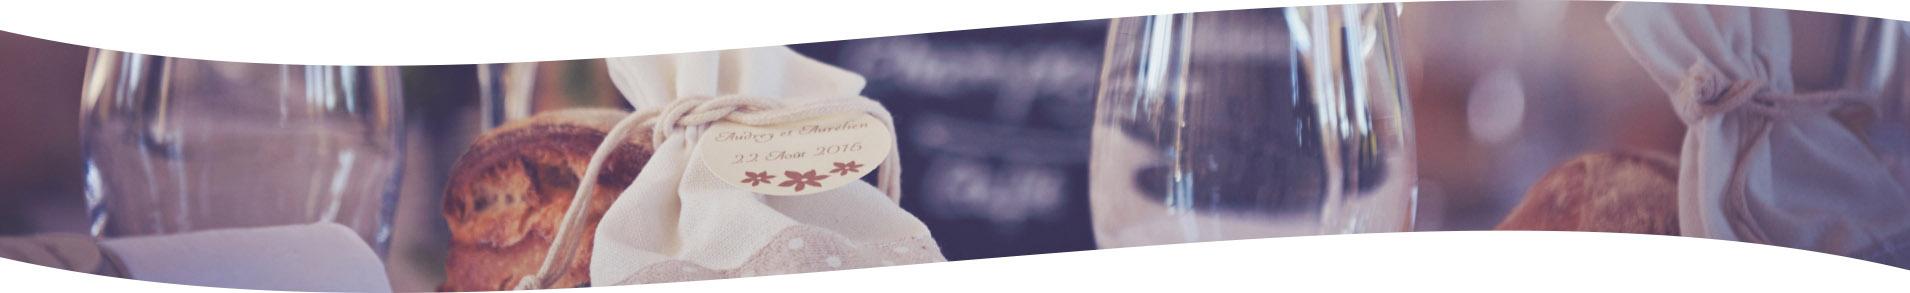 wedding planner, fêtes famille et entreprises, cérémonies laïques, évènementiel, normandie, calvados, orne, eure, caen